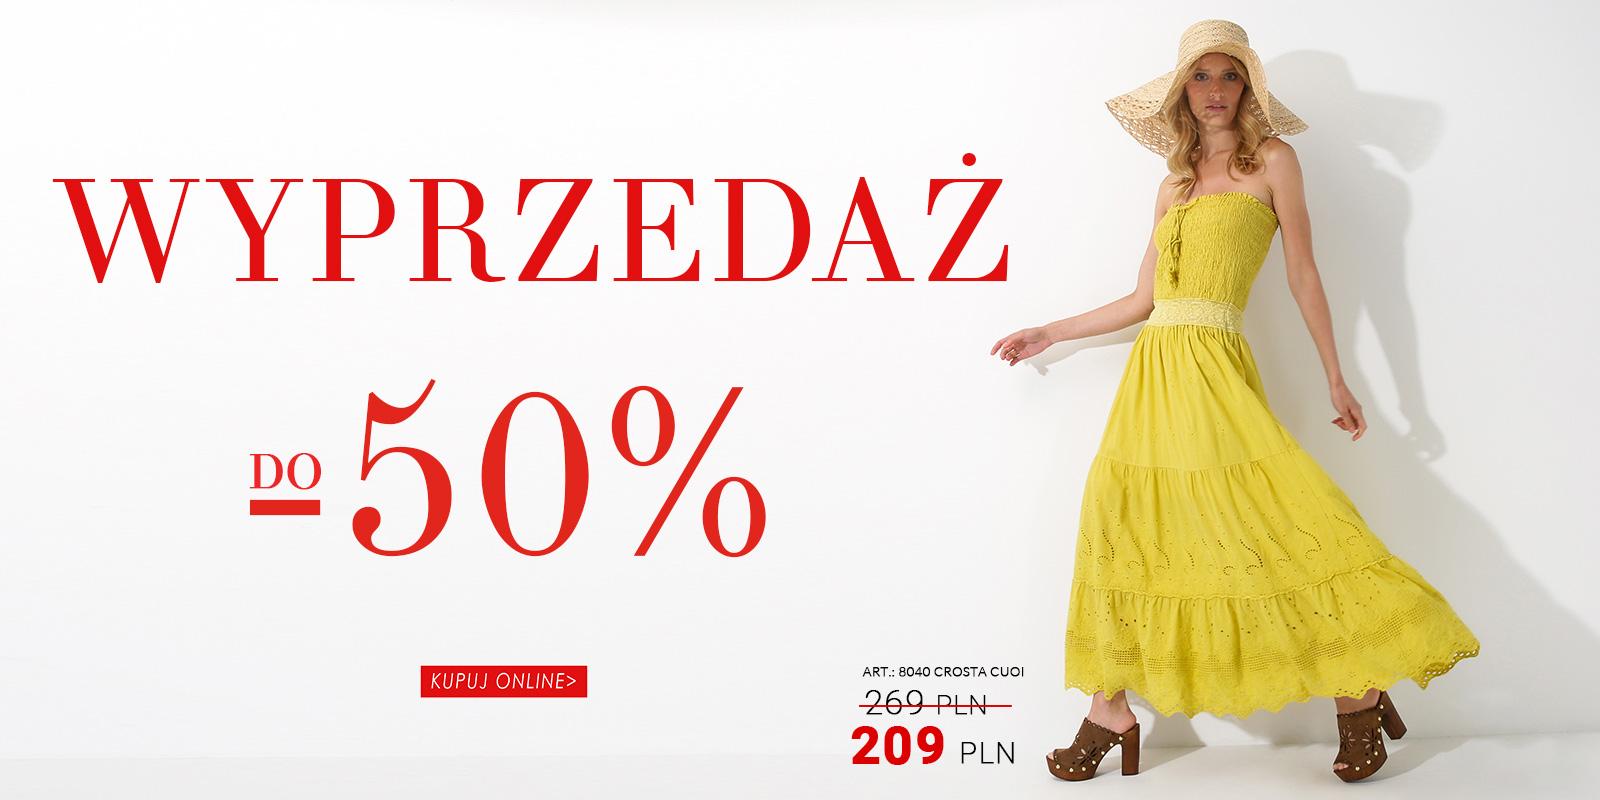 Venezia: wyprzedaż do 50% rabatu na obuwie damskie, męskie, torby damskie oraz kurtki damskie